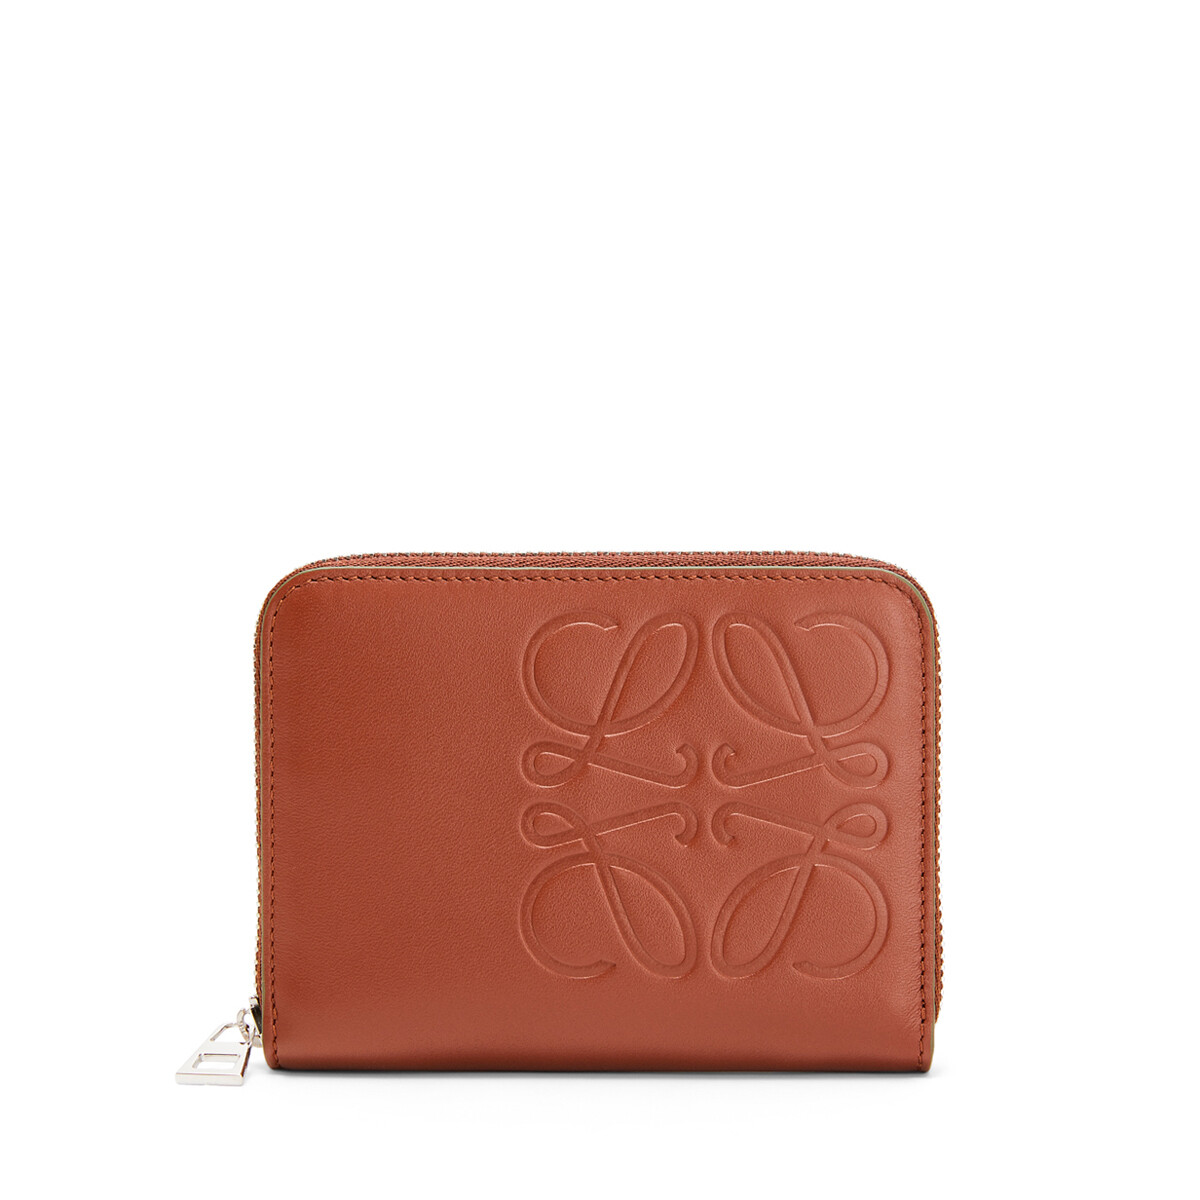 LOEWE Brand 6 Card Zip Wallet Cognac front